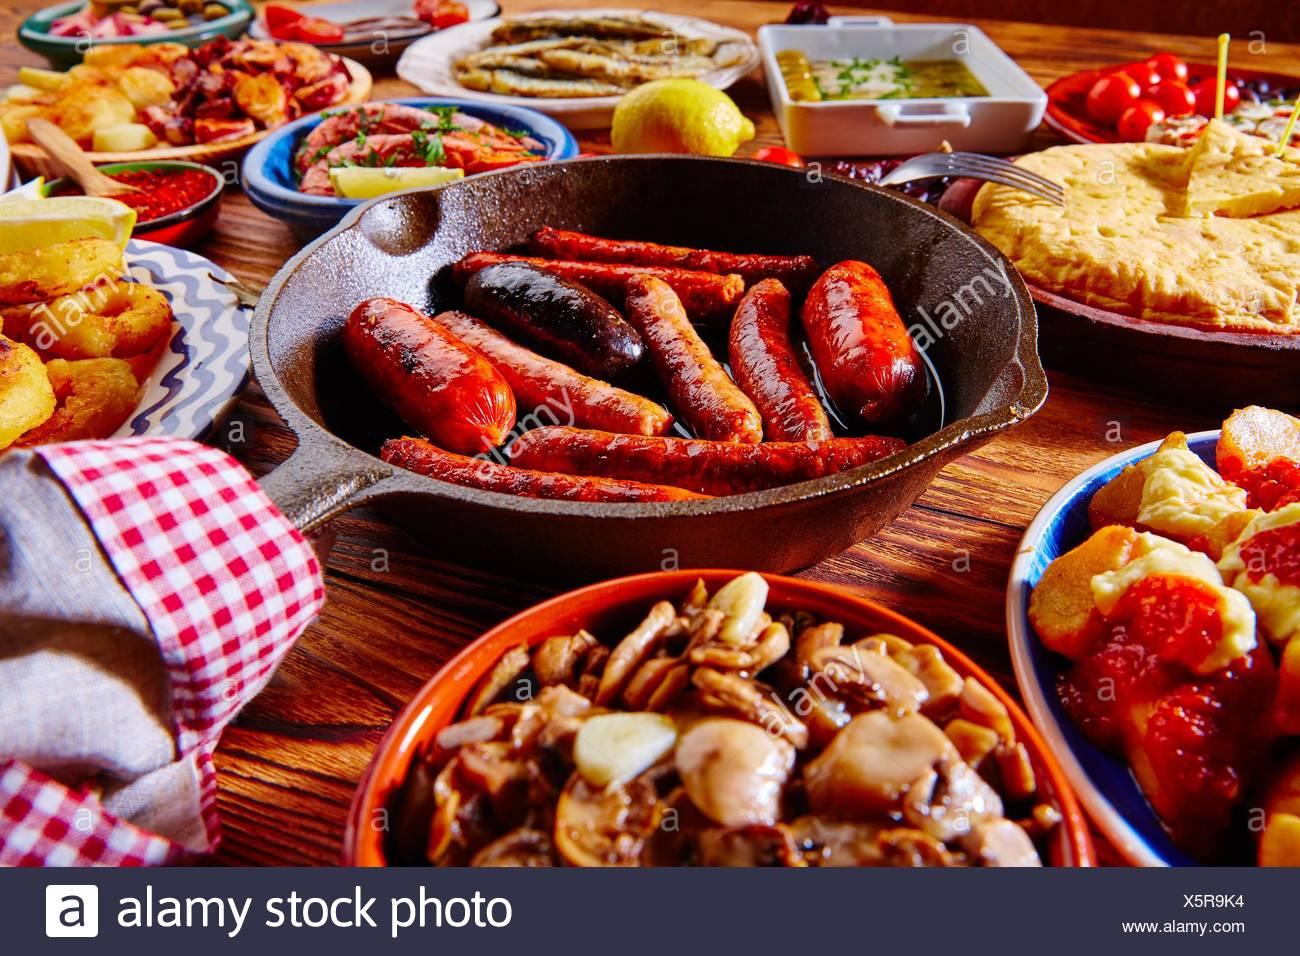 Tapas dalla Spagna un mix vario delle più popolari tapa cibo mediterraneo. Immagini Stock